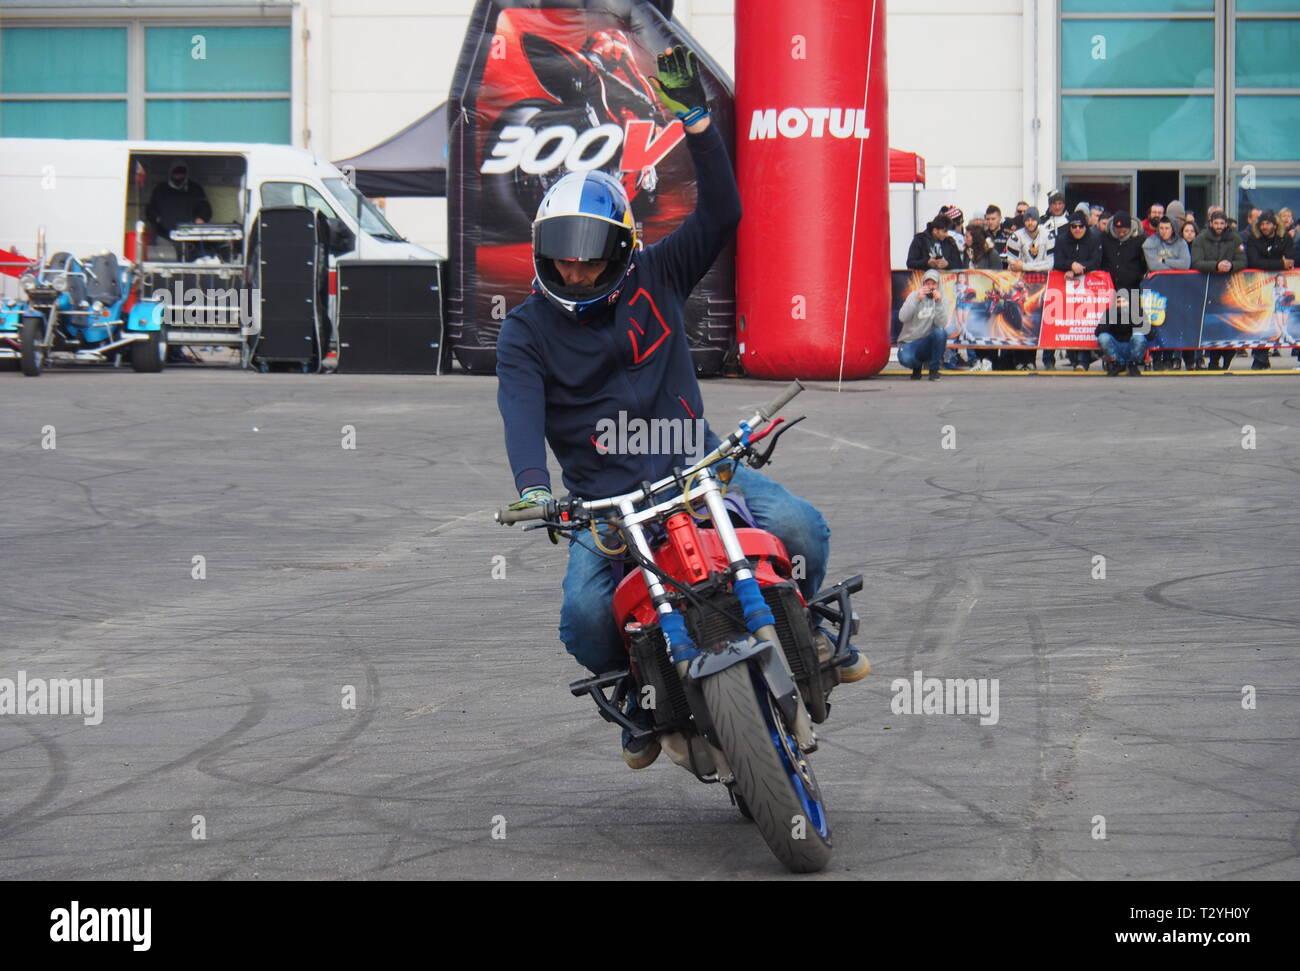 Verona, Italia: 19 de enero de 2019: motorbiker acrobáticos durante la contienda en Stunt moto expo Verona 2019 Imagen De Stock